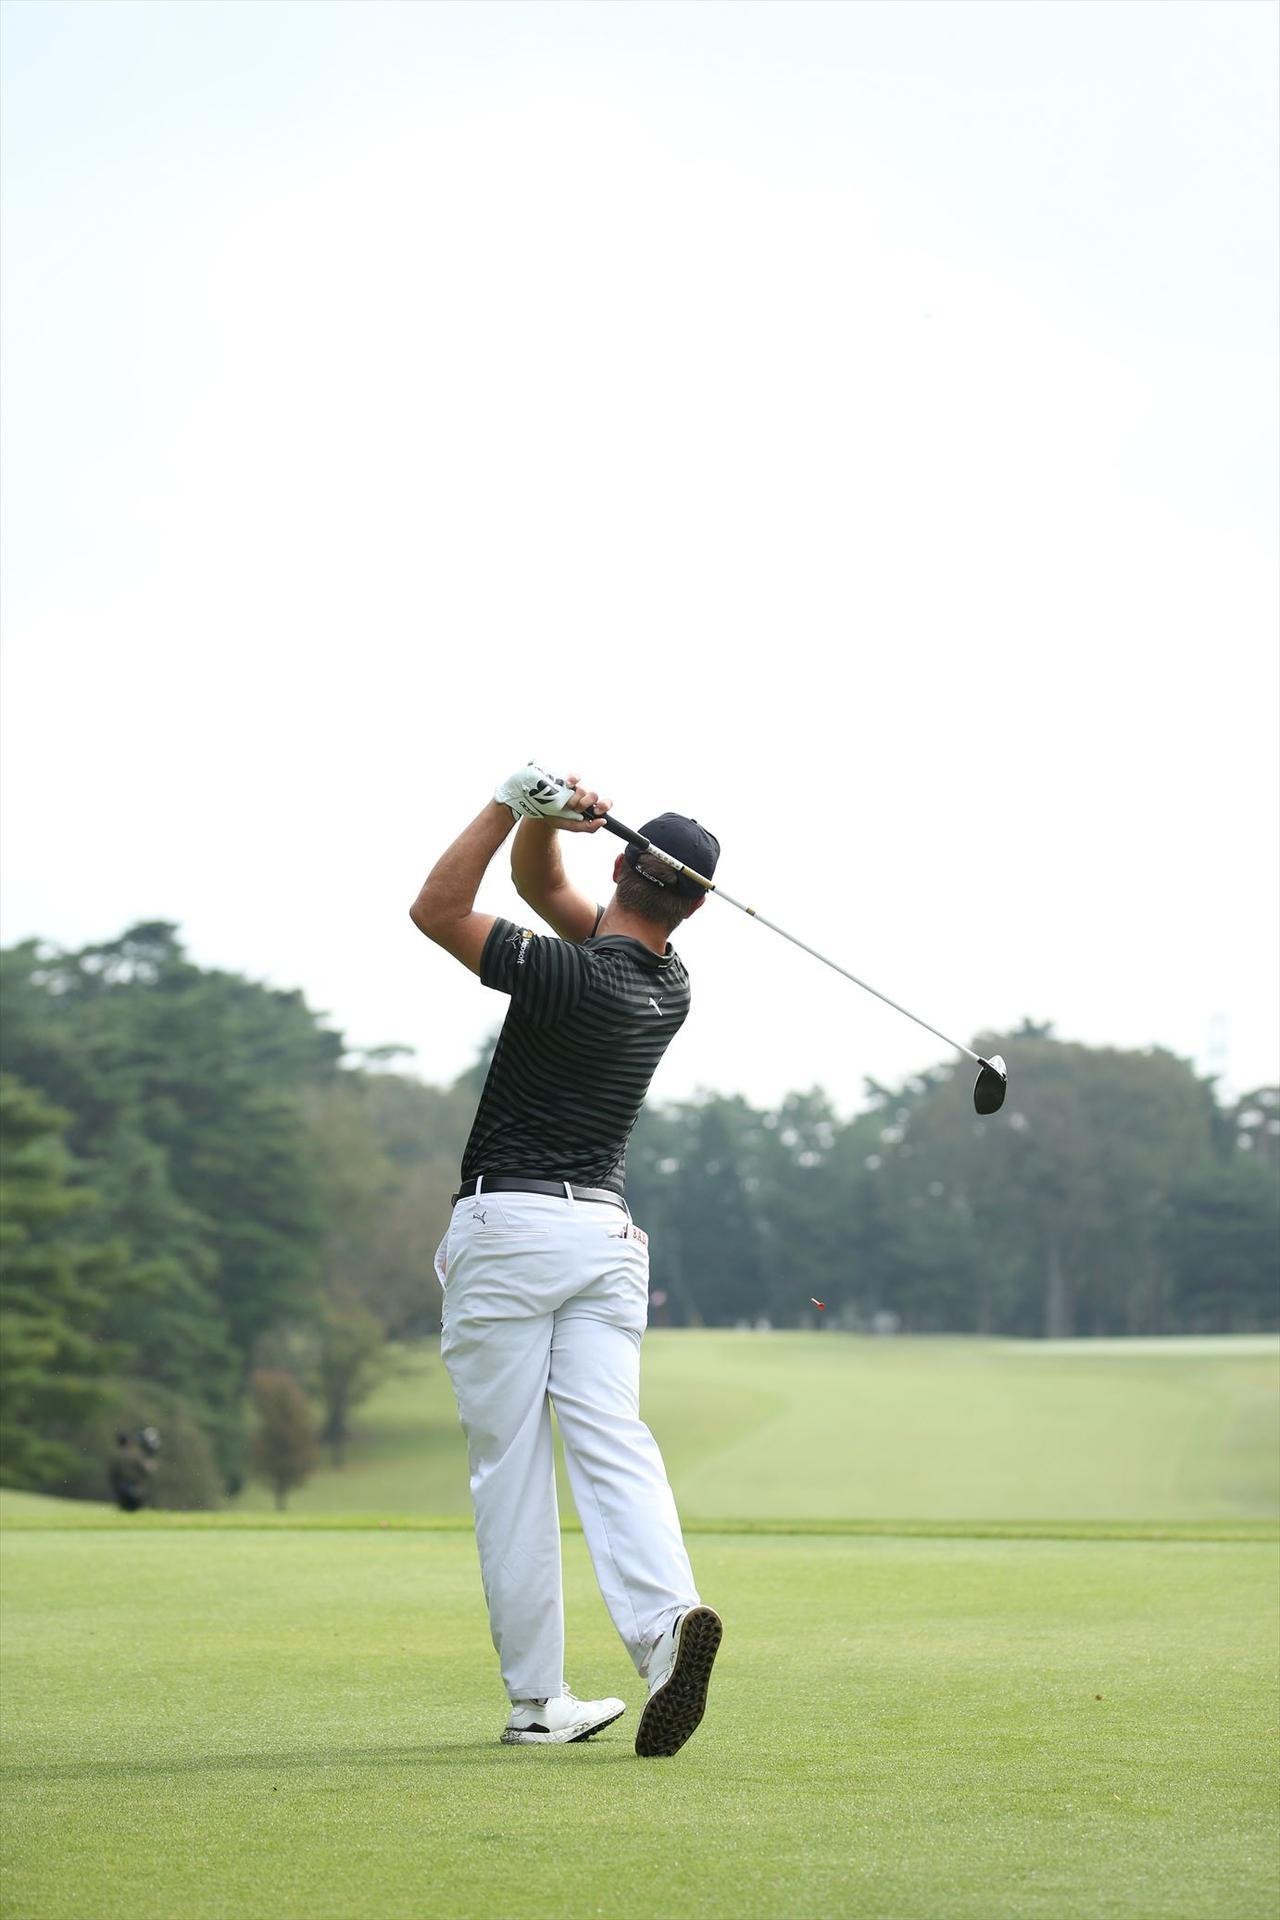 """画像17: ついに勝った「ゴルフの科学者」デシャンボーの""""マシン打ち""""【勝者のスウィング】"""